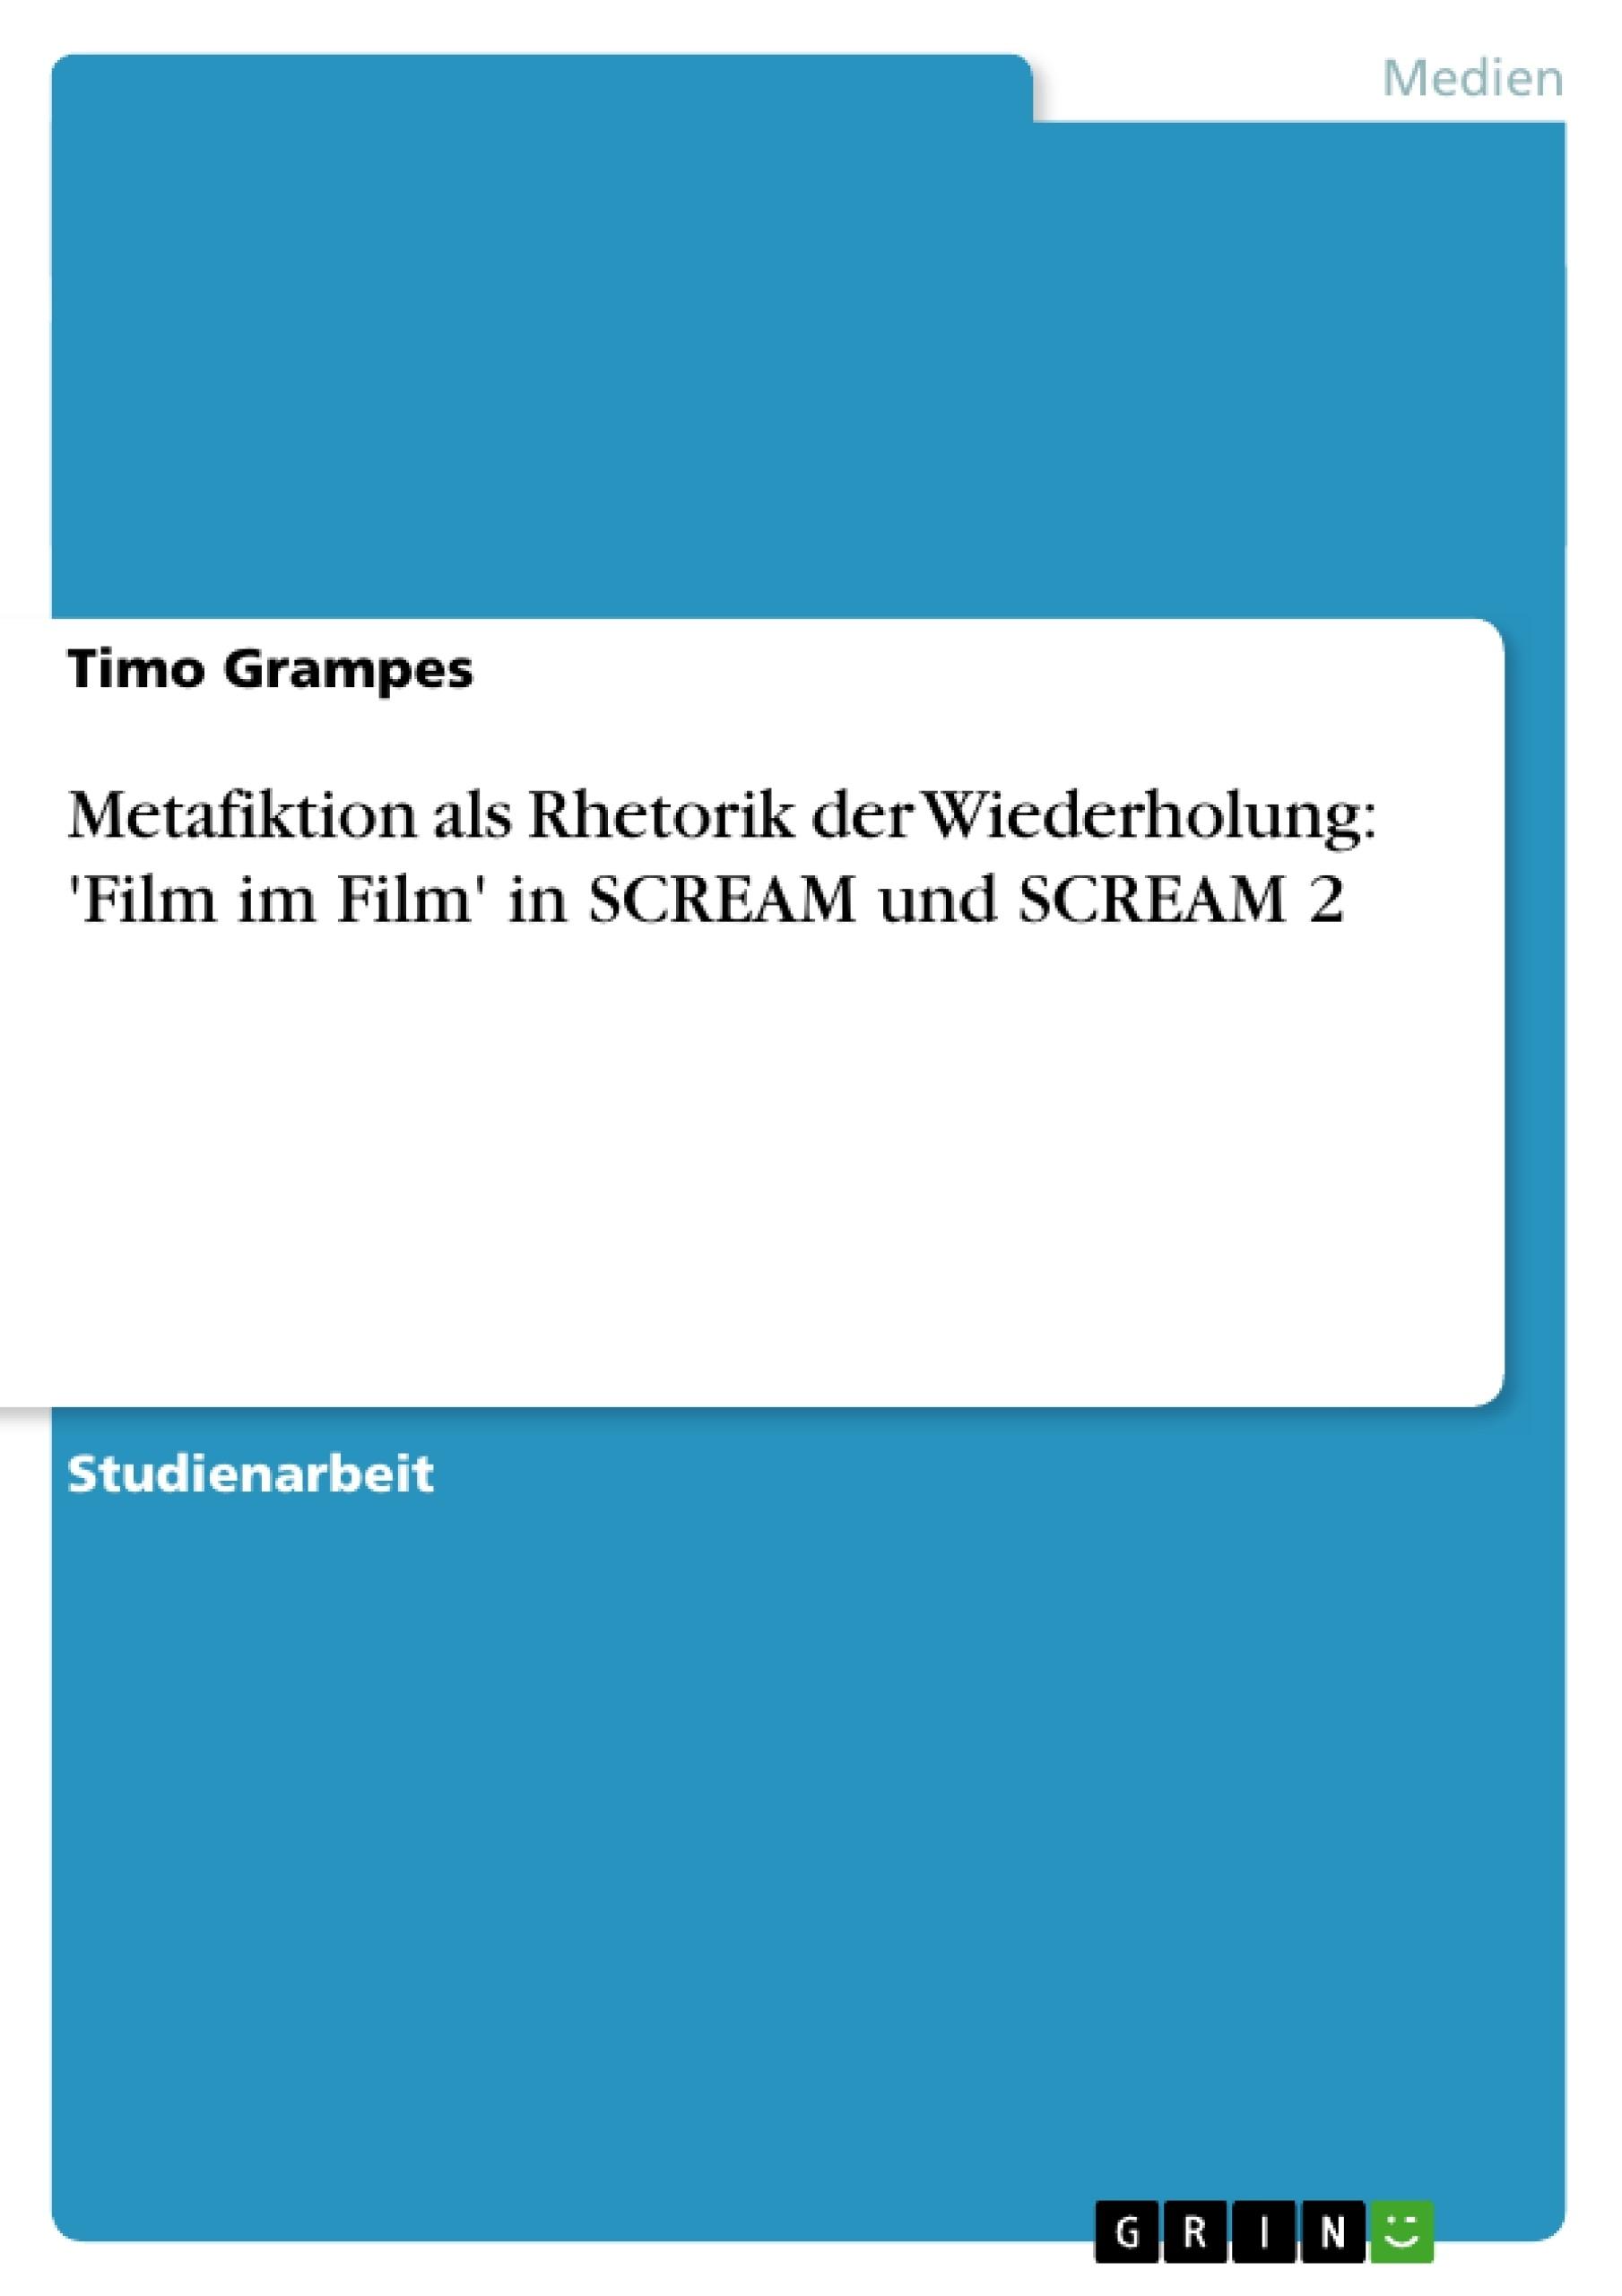 Titel: Metafiktion als Rhetorik der Wiederholung: 'Film im Film' in SCREAM  und  SCREAM 2